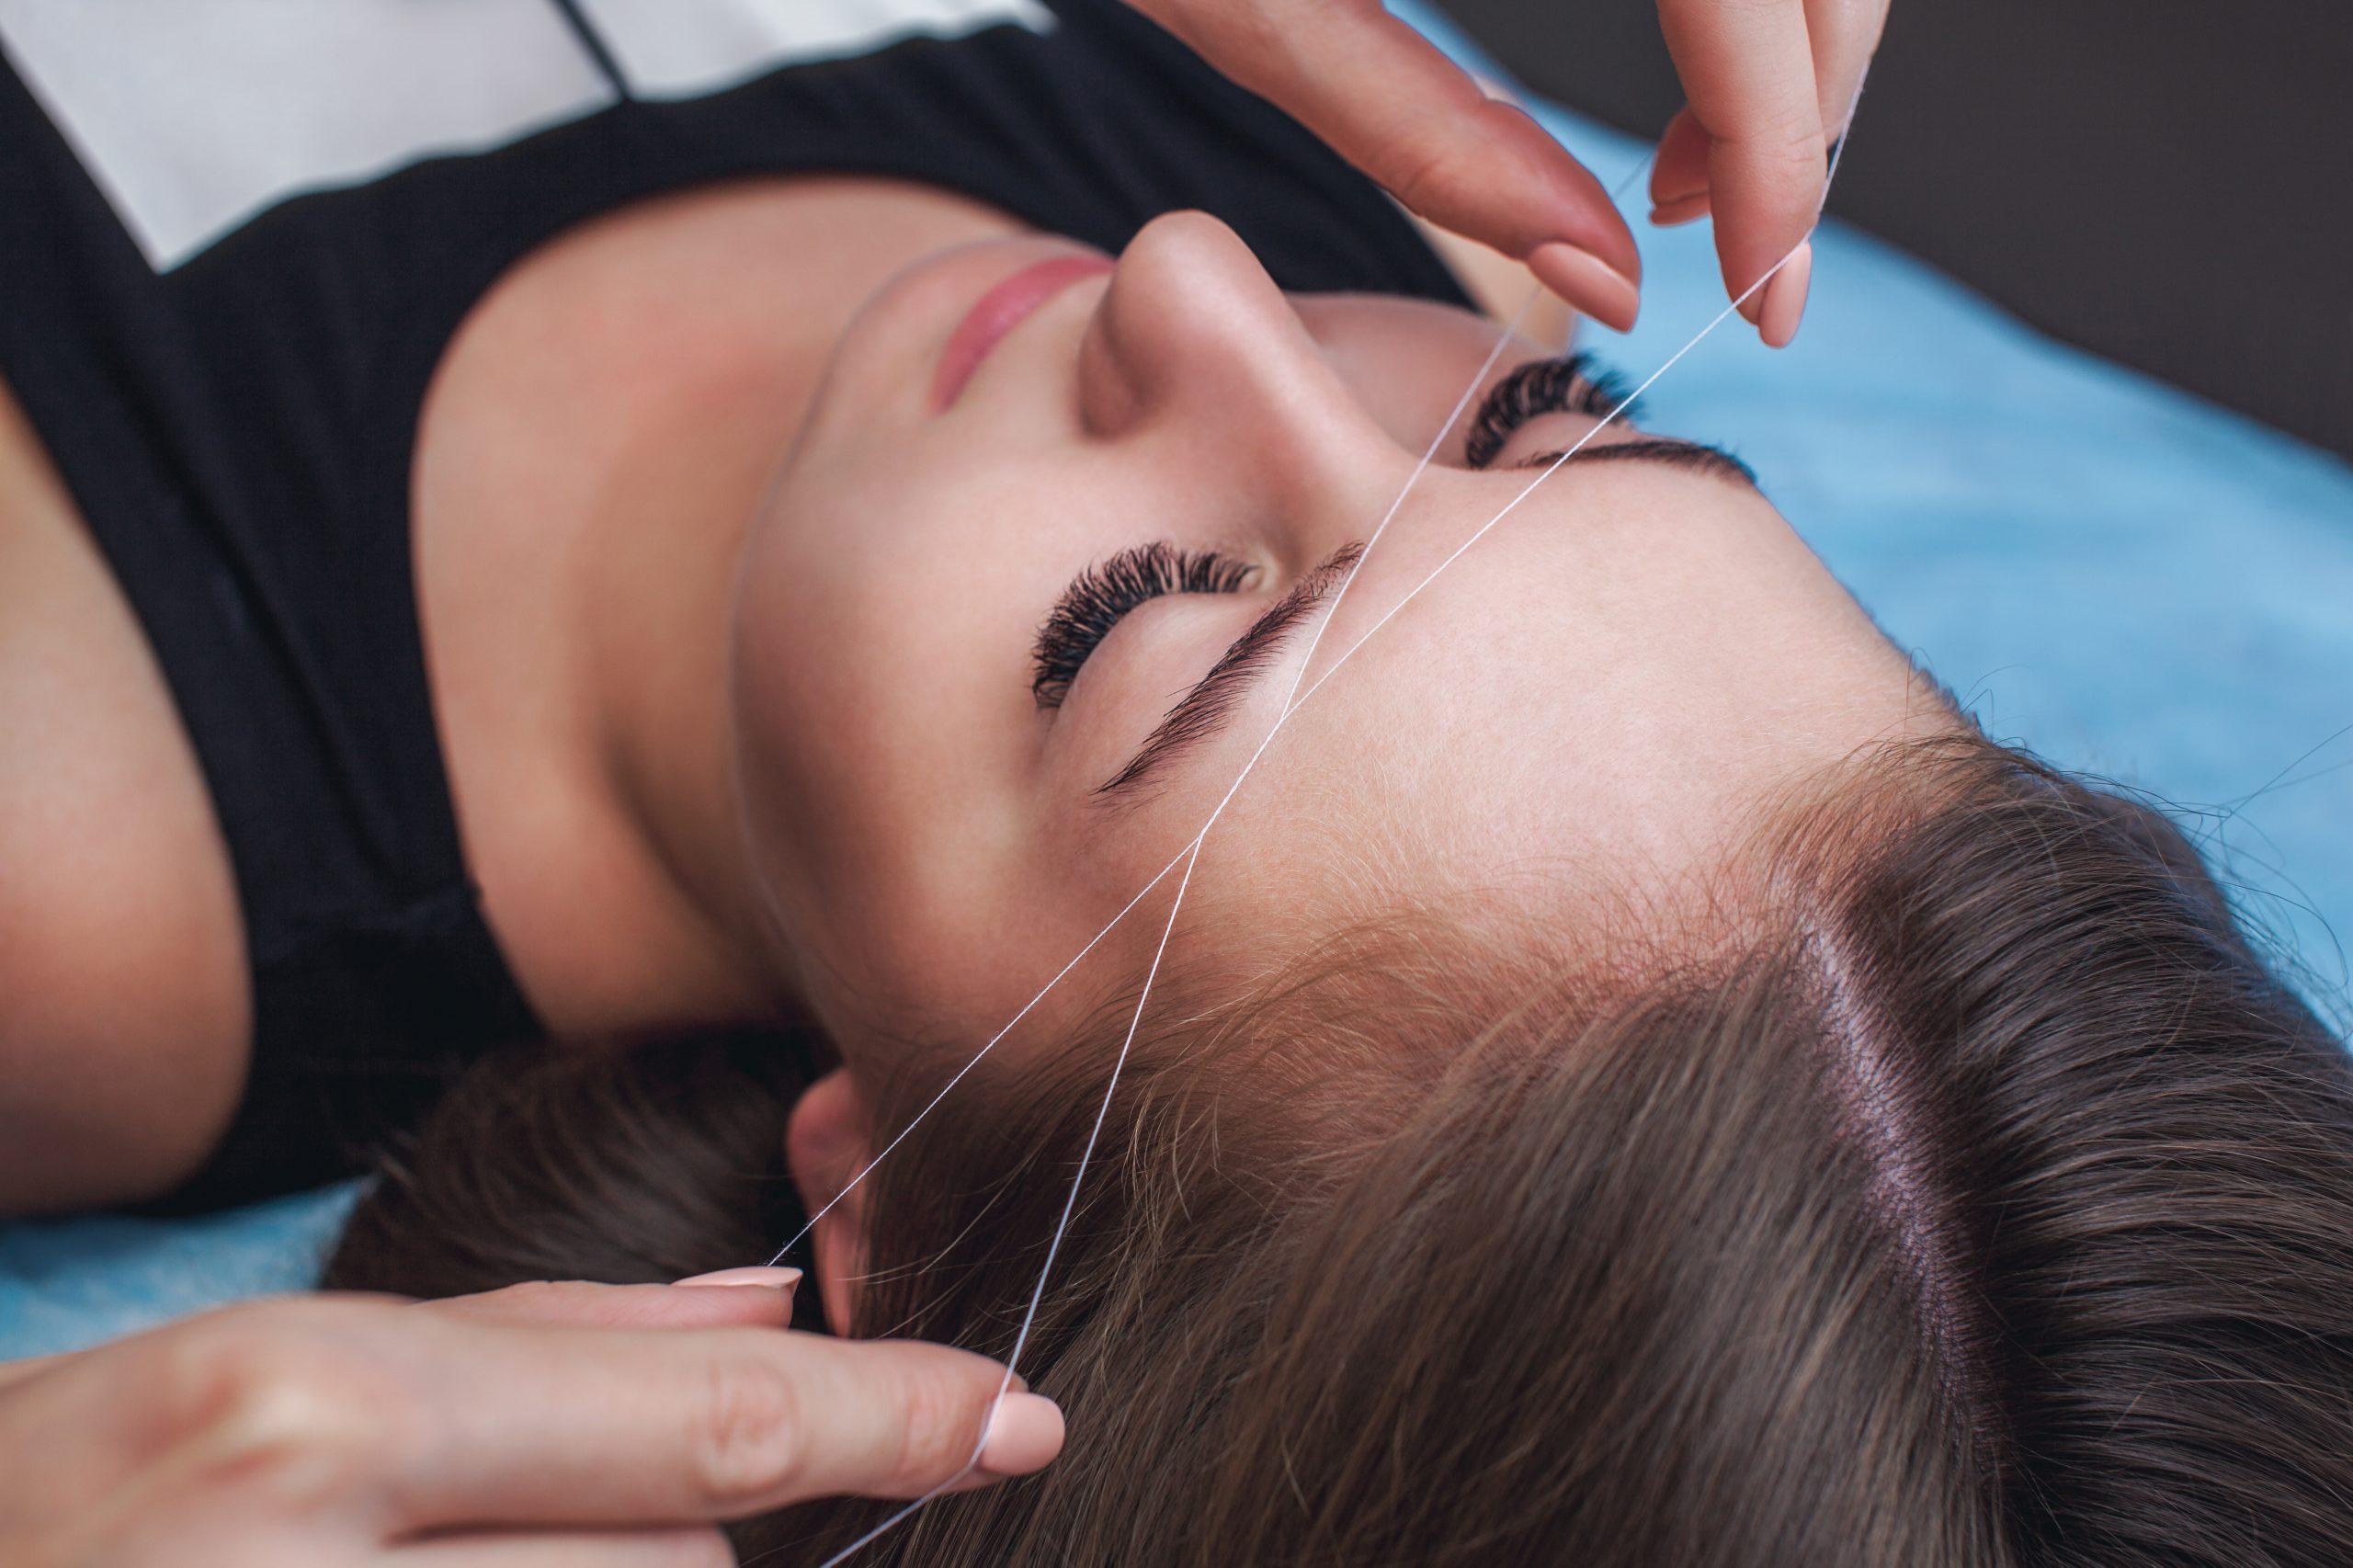 1文介紹線面脫毛的好處與壞處, 比激光脫面毛更好嗎